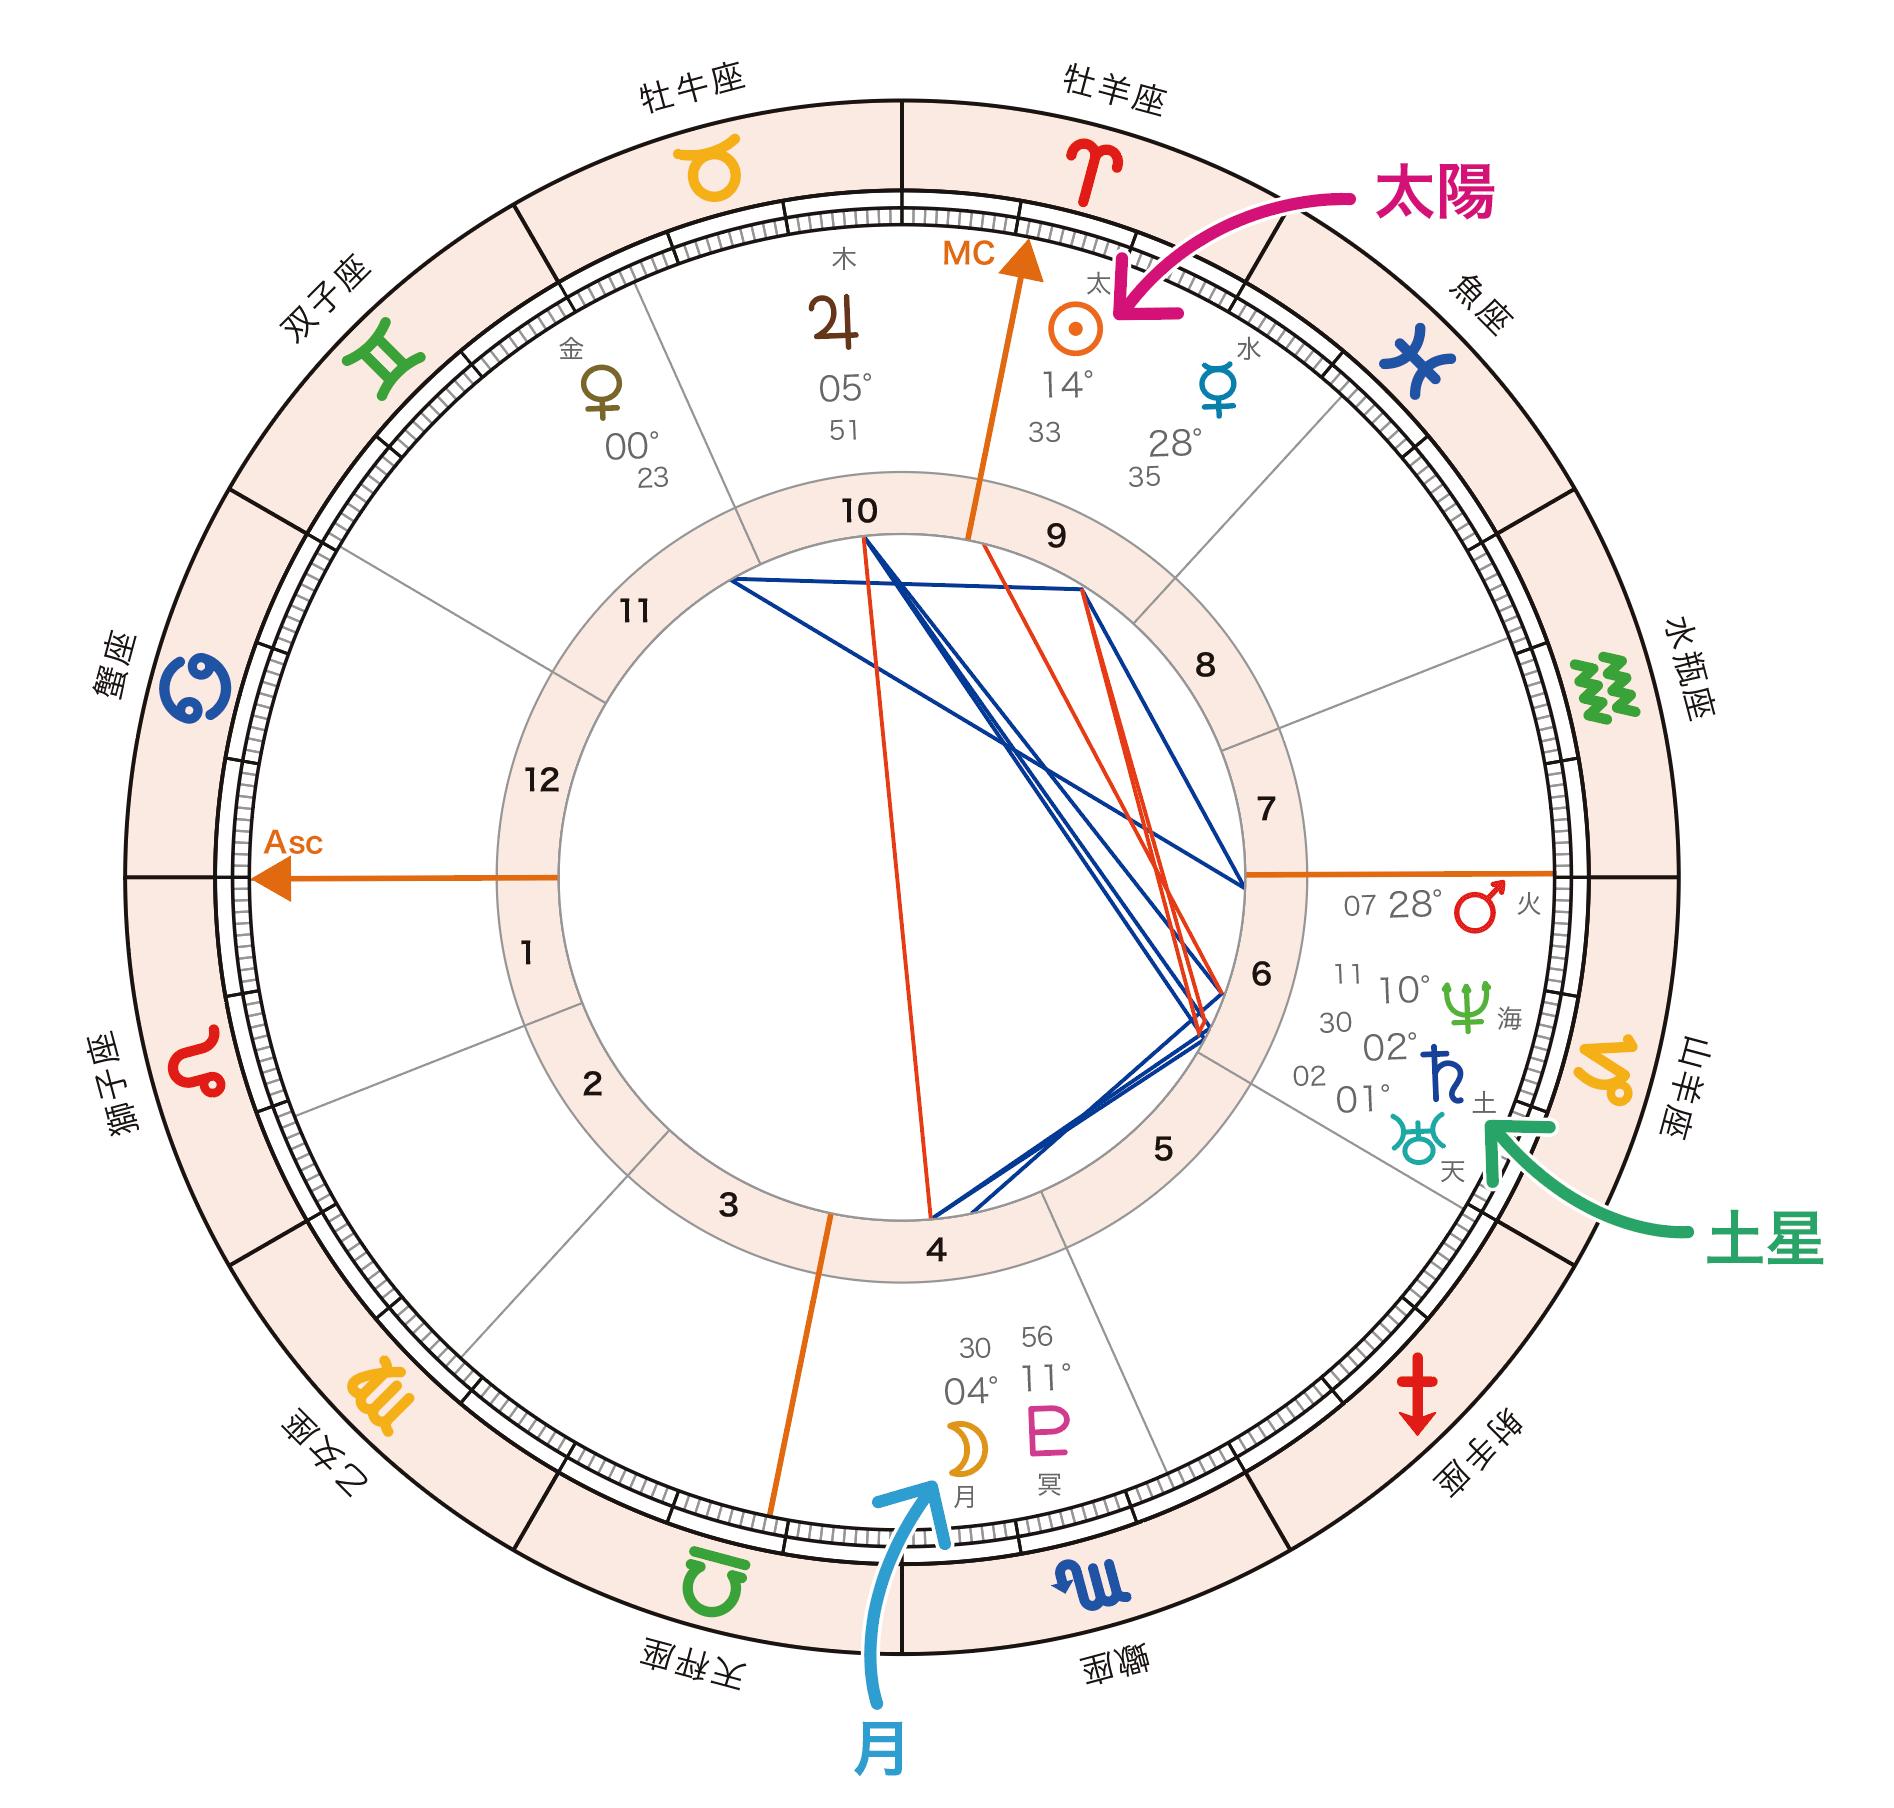 Basic course horoscope2